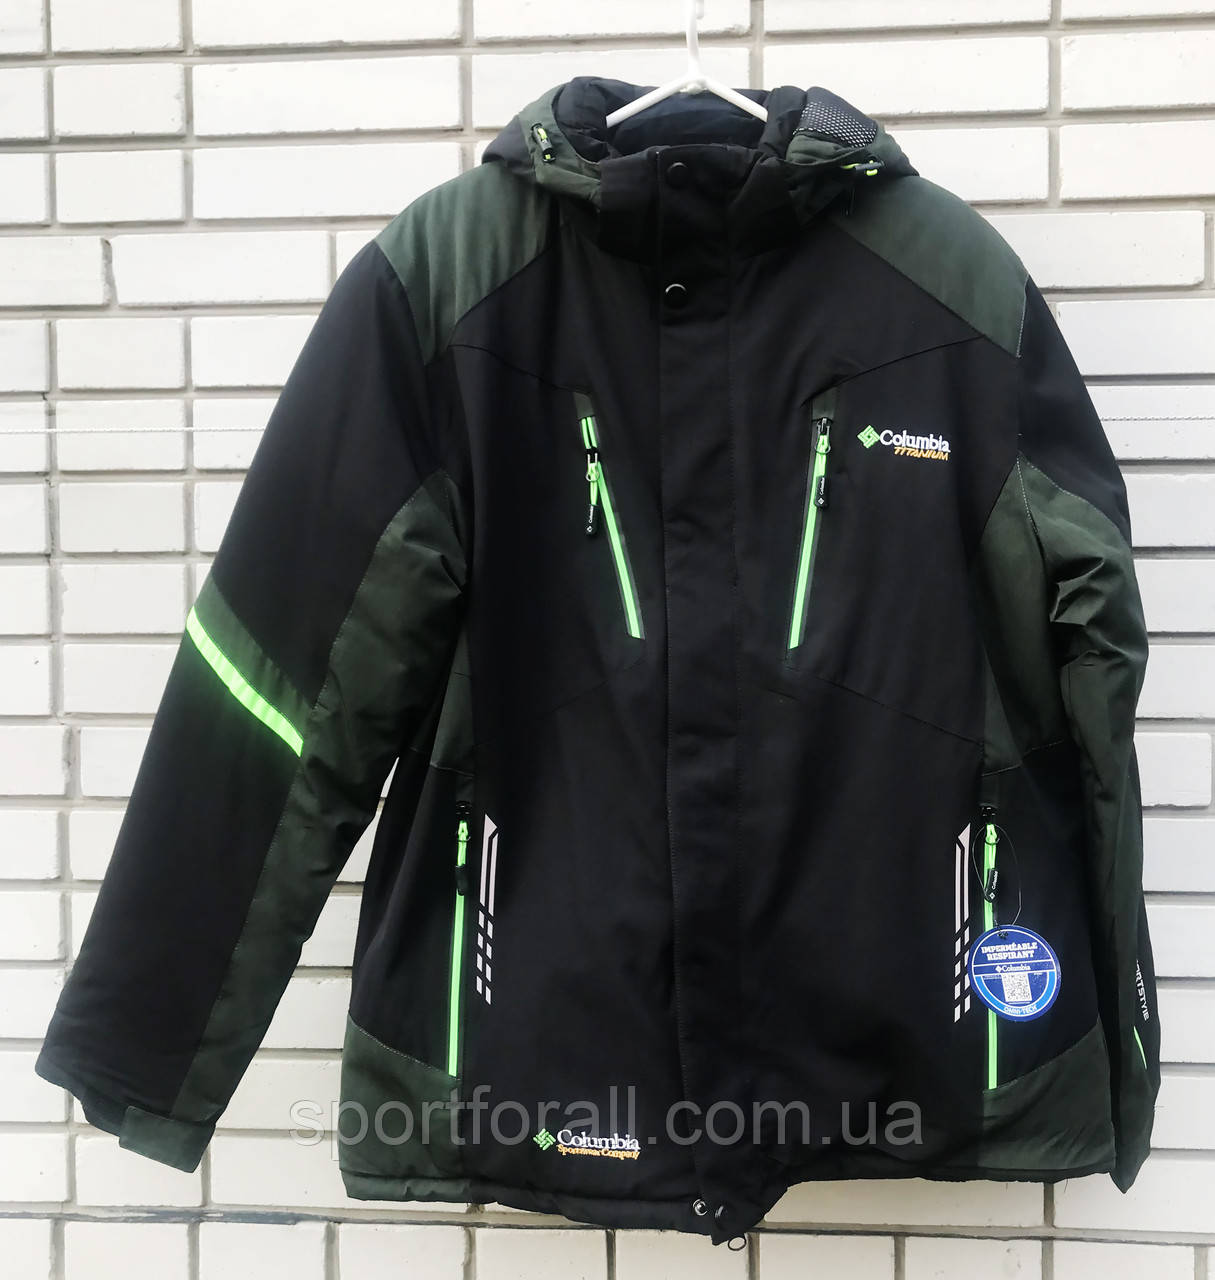 Куртка зимняя спортивная Col TITANIUM р.50,52 KM-8210